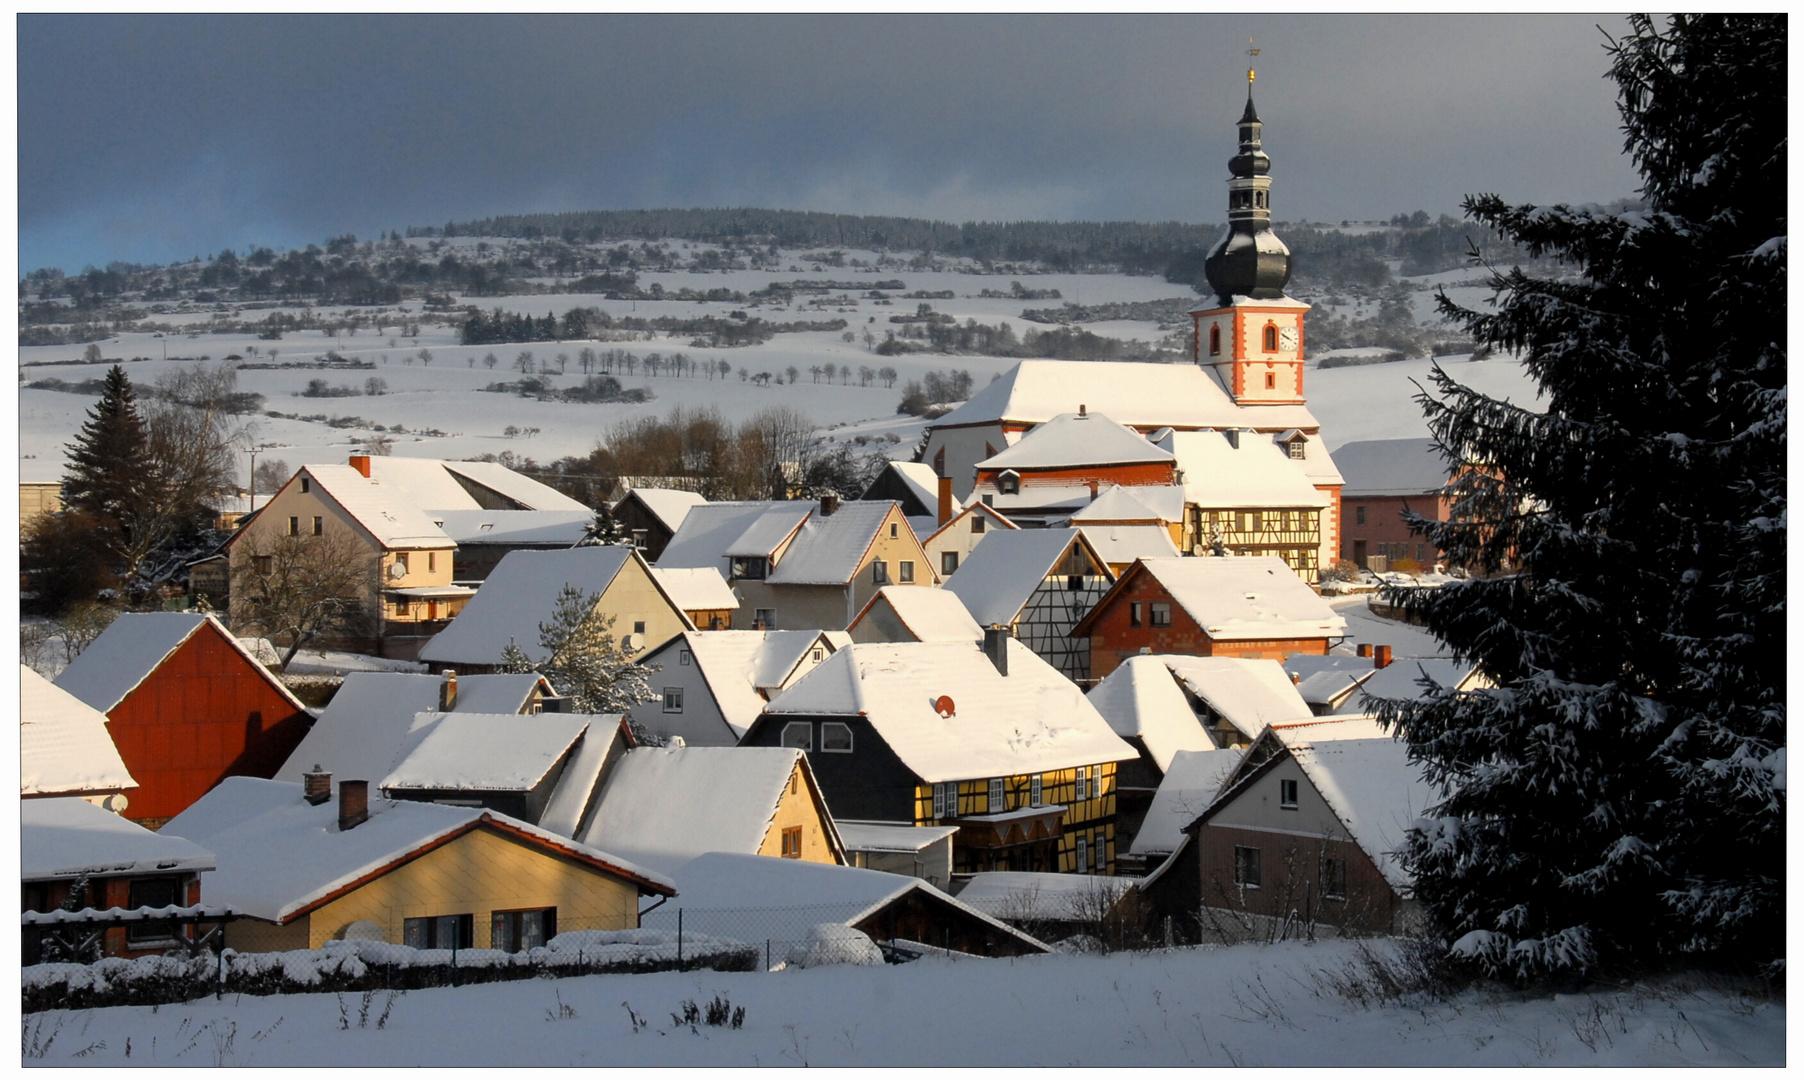 Mi pueblo, esta mañana (Heute Morgen, mein Dorf) - Dedicada a alba56 - gewidmet alba56